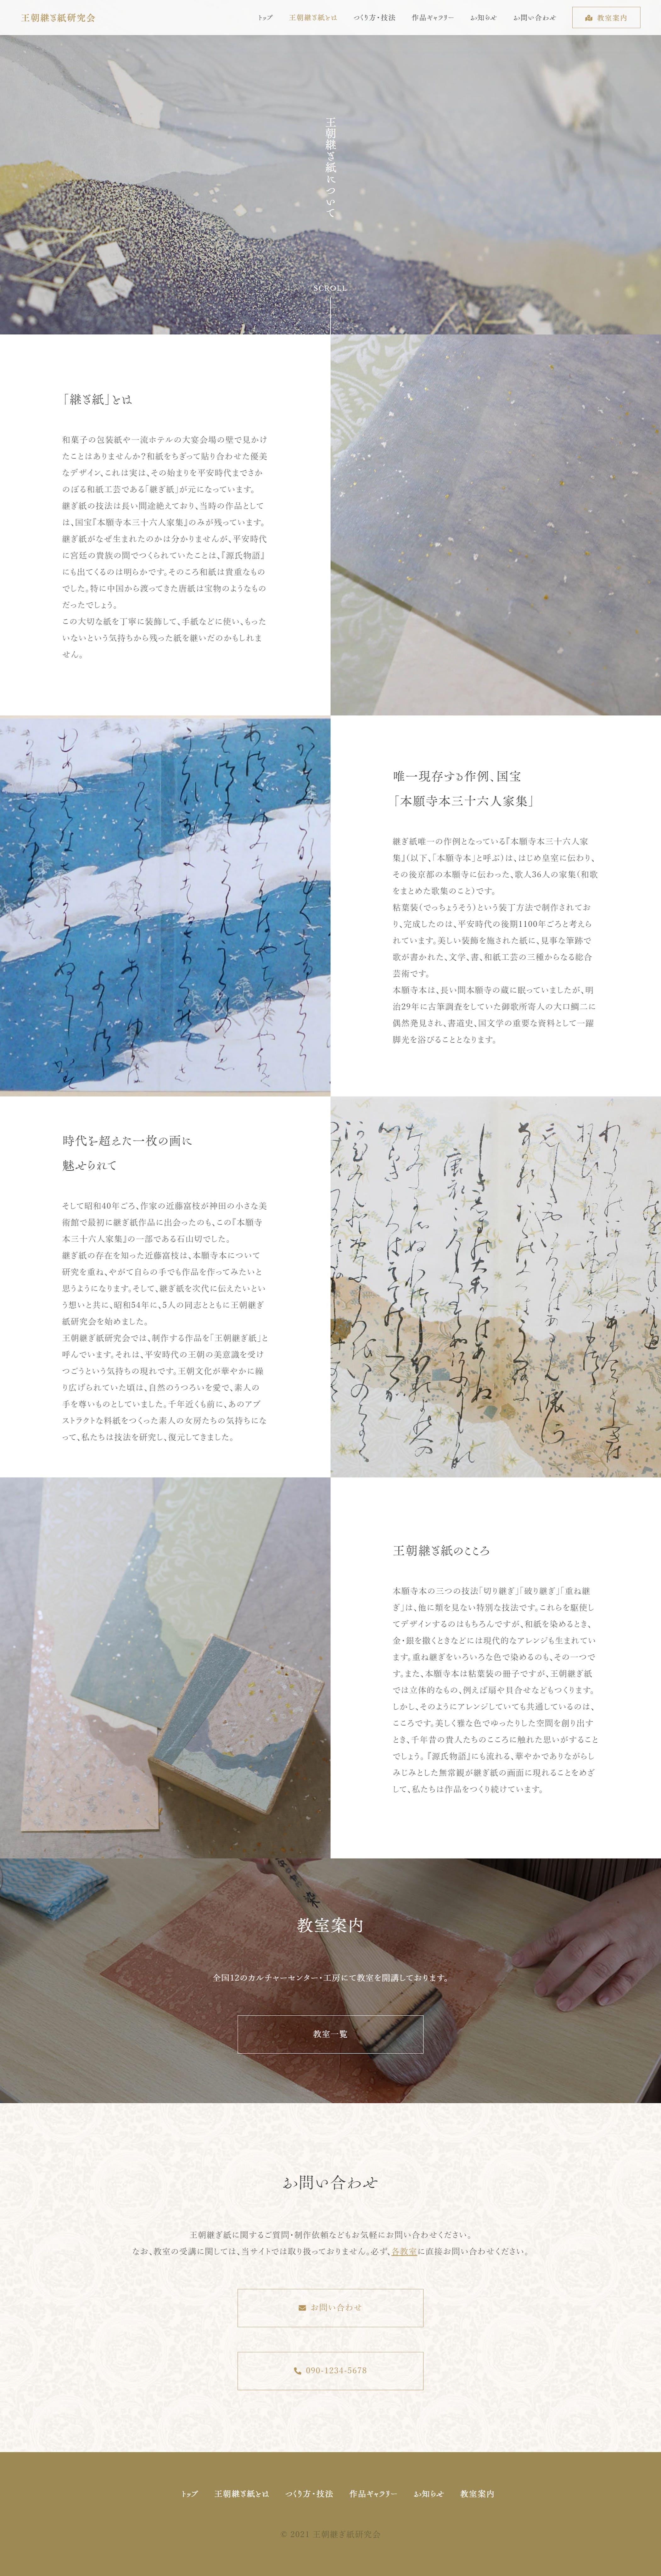 「王朝継ぎ紙研究会」Webサイトリニューアル-3